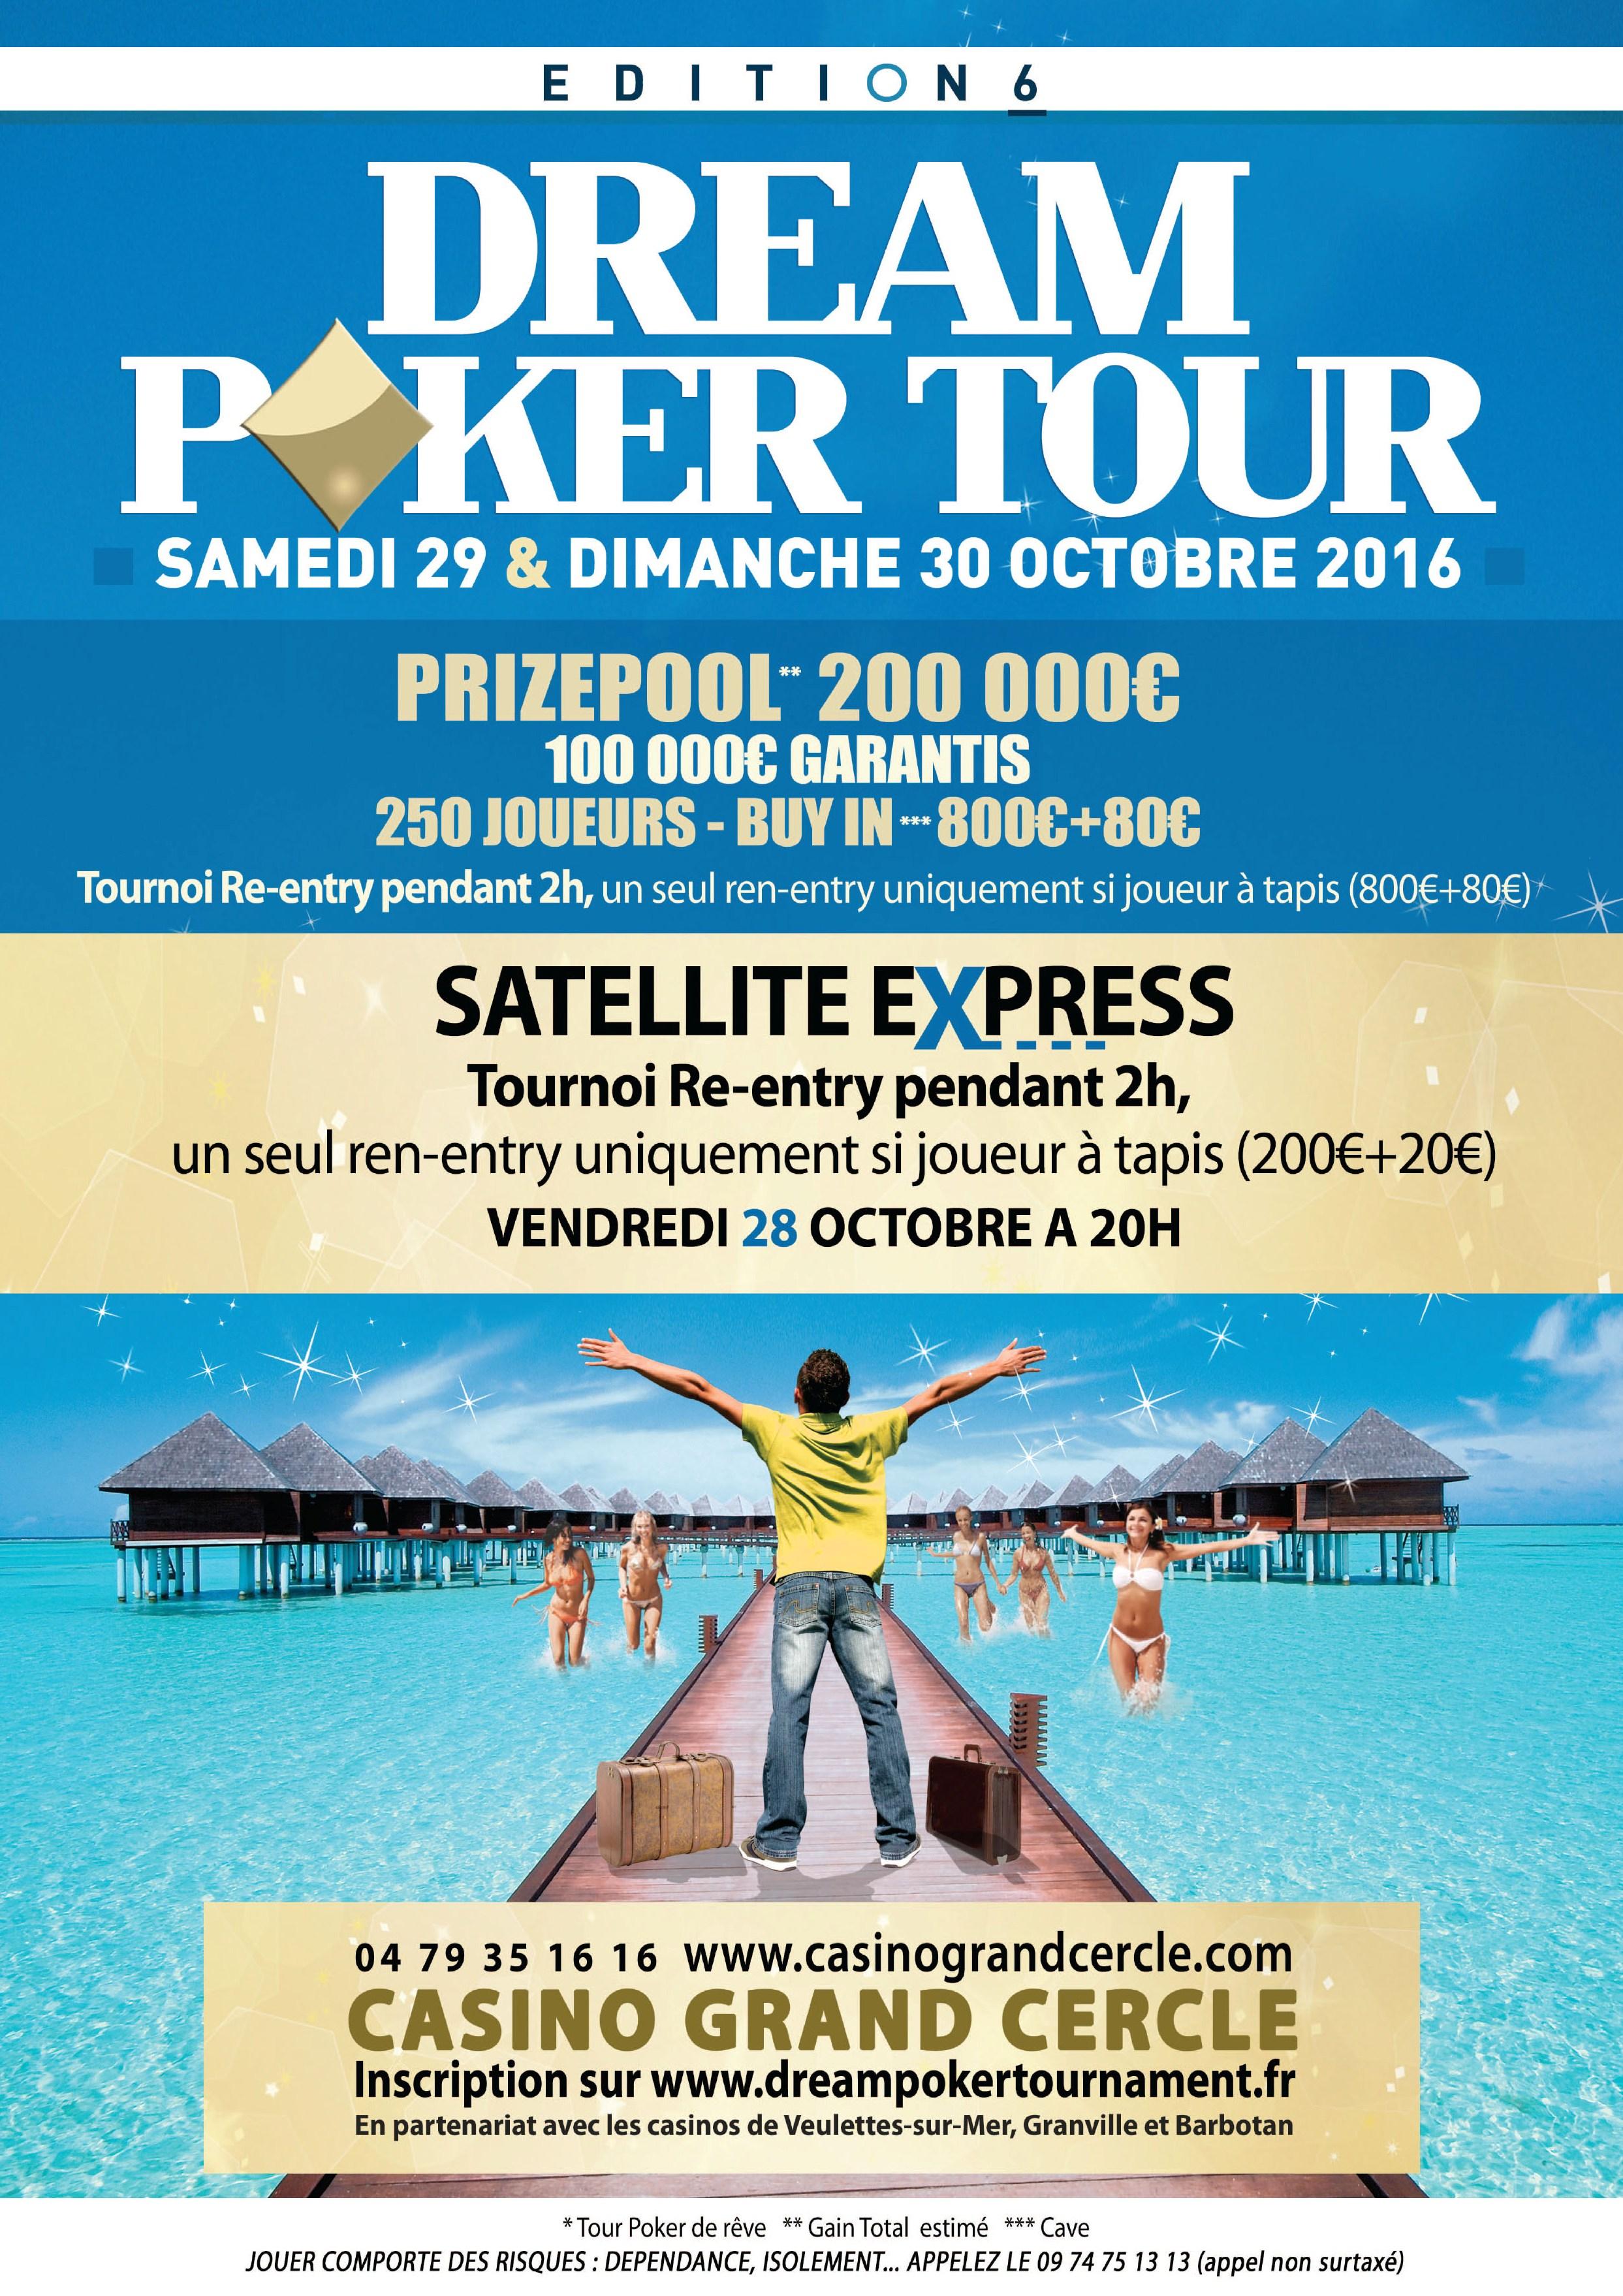 Perla poker room programma